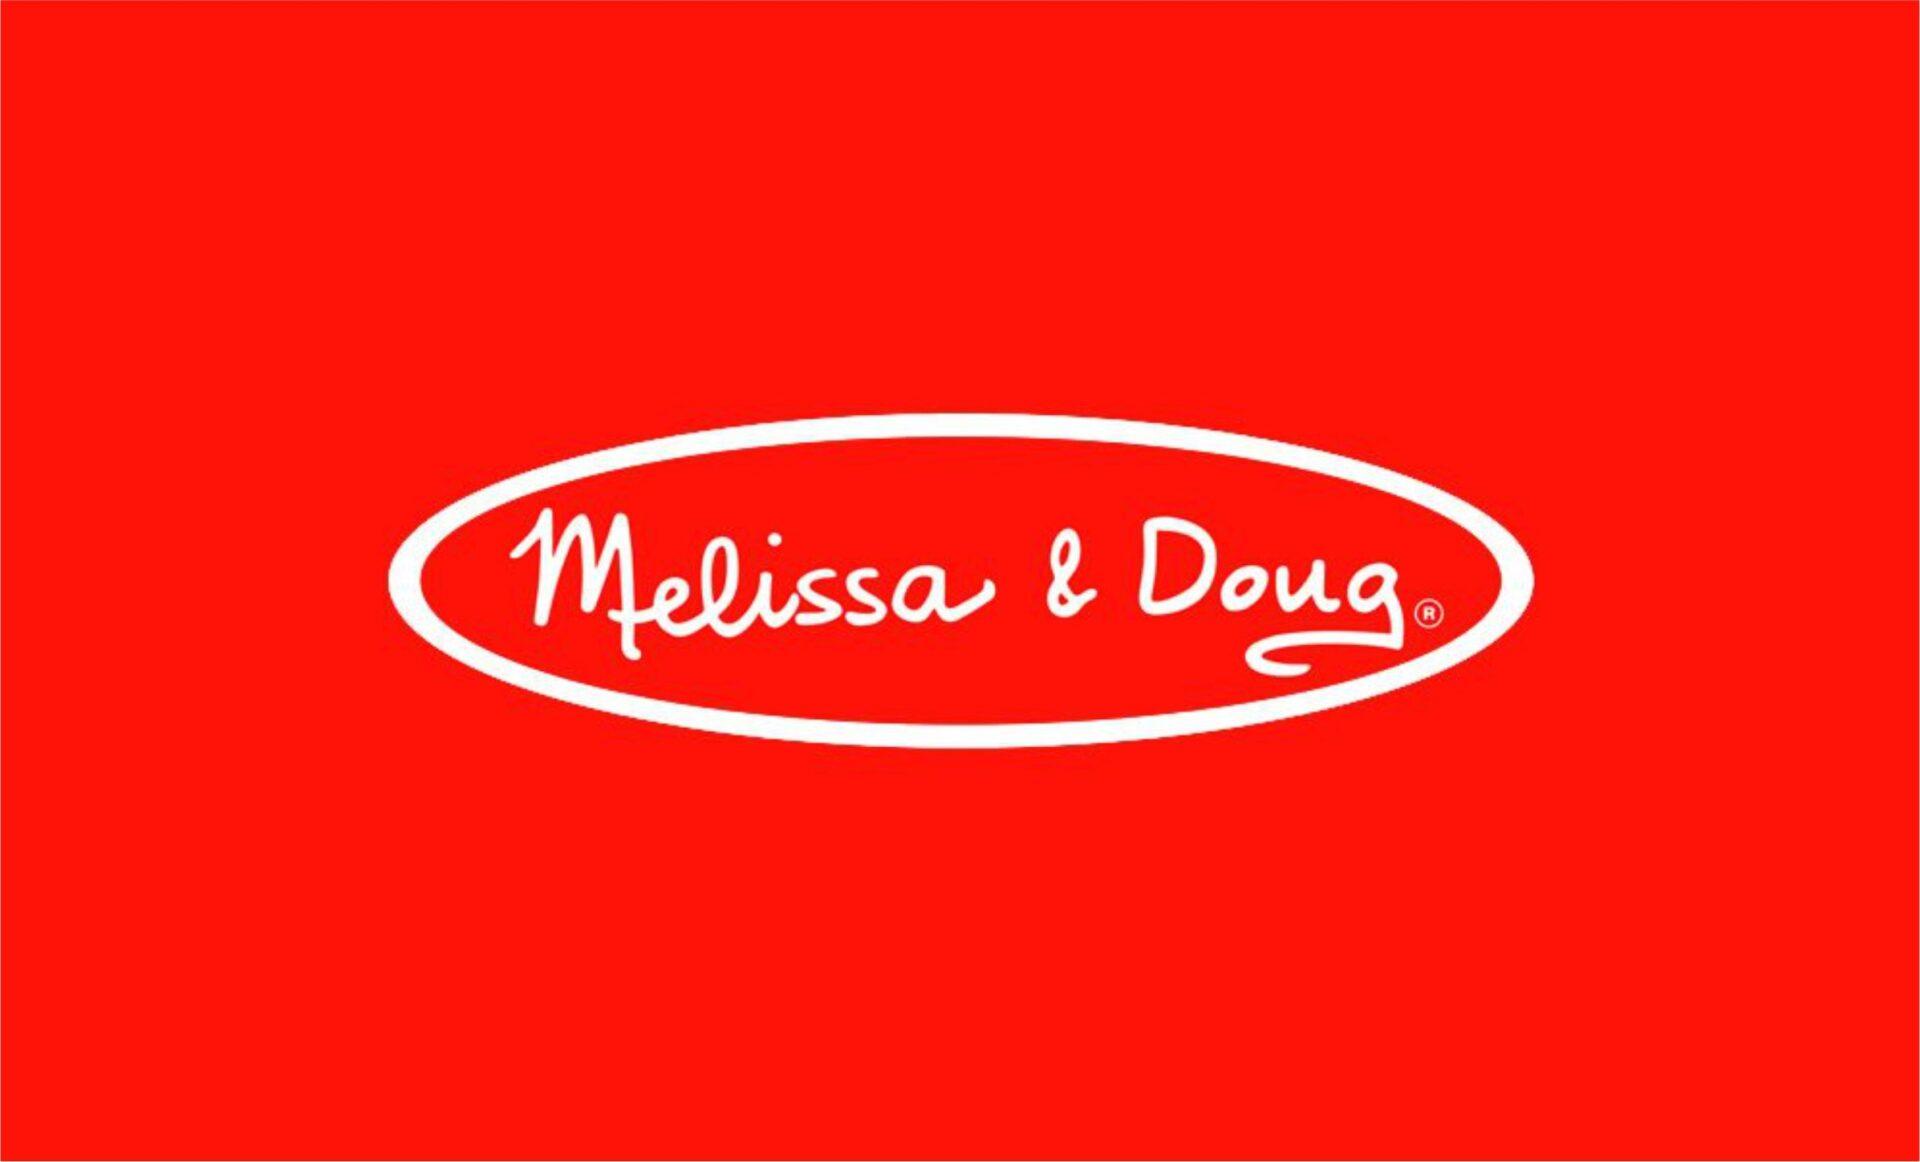 Βρείτε μεγάλη ποικιλία από παιχνίδια Melissa & Doug στο online κατάστημα του Puppets!